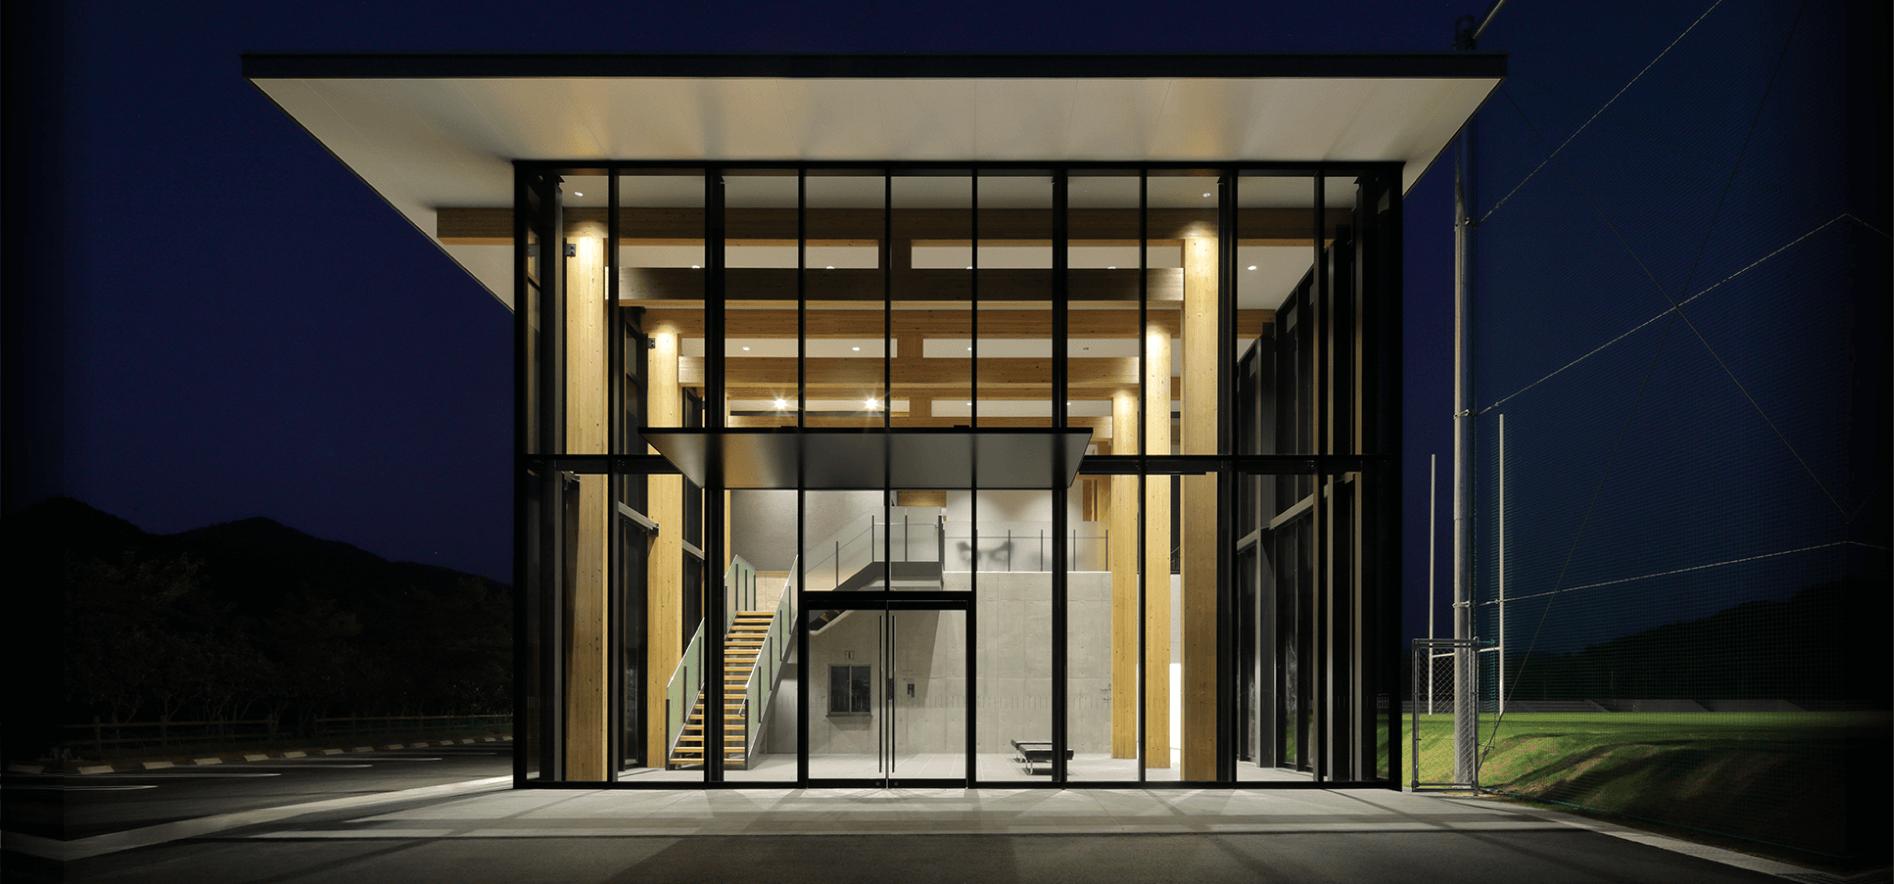 木造建築の施工事例:長門市俵山多目的交流広場 クラブハウス 1枚目